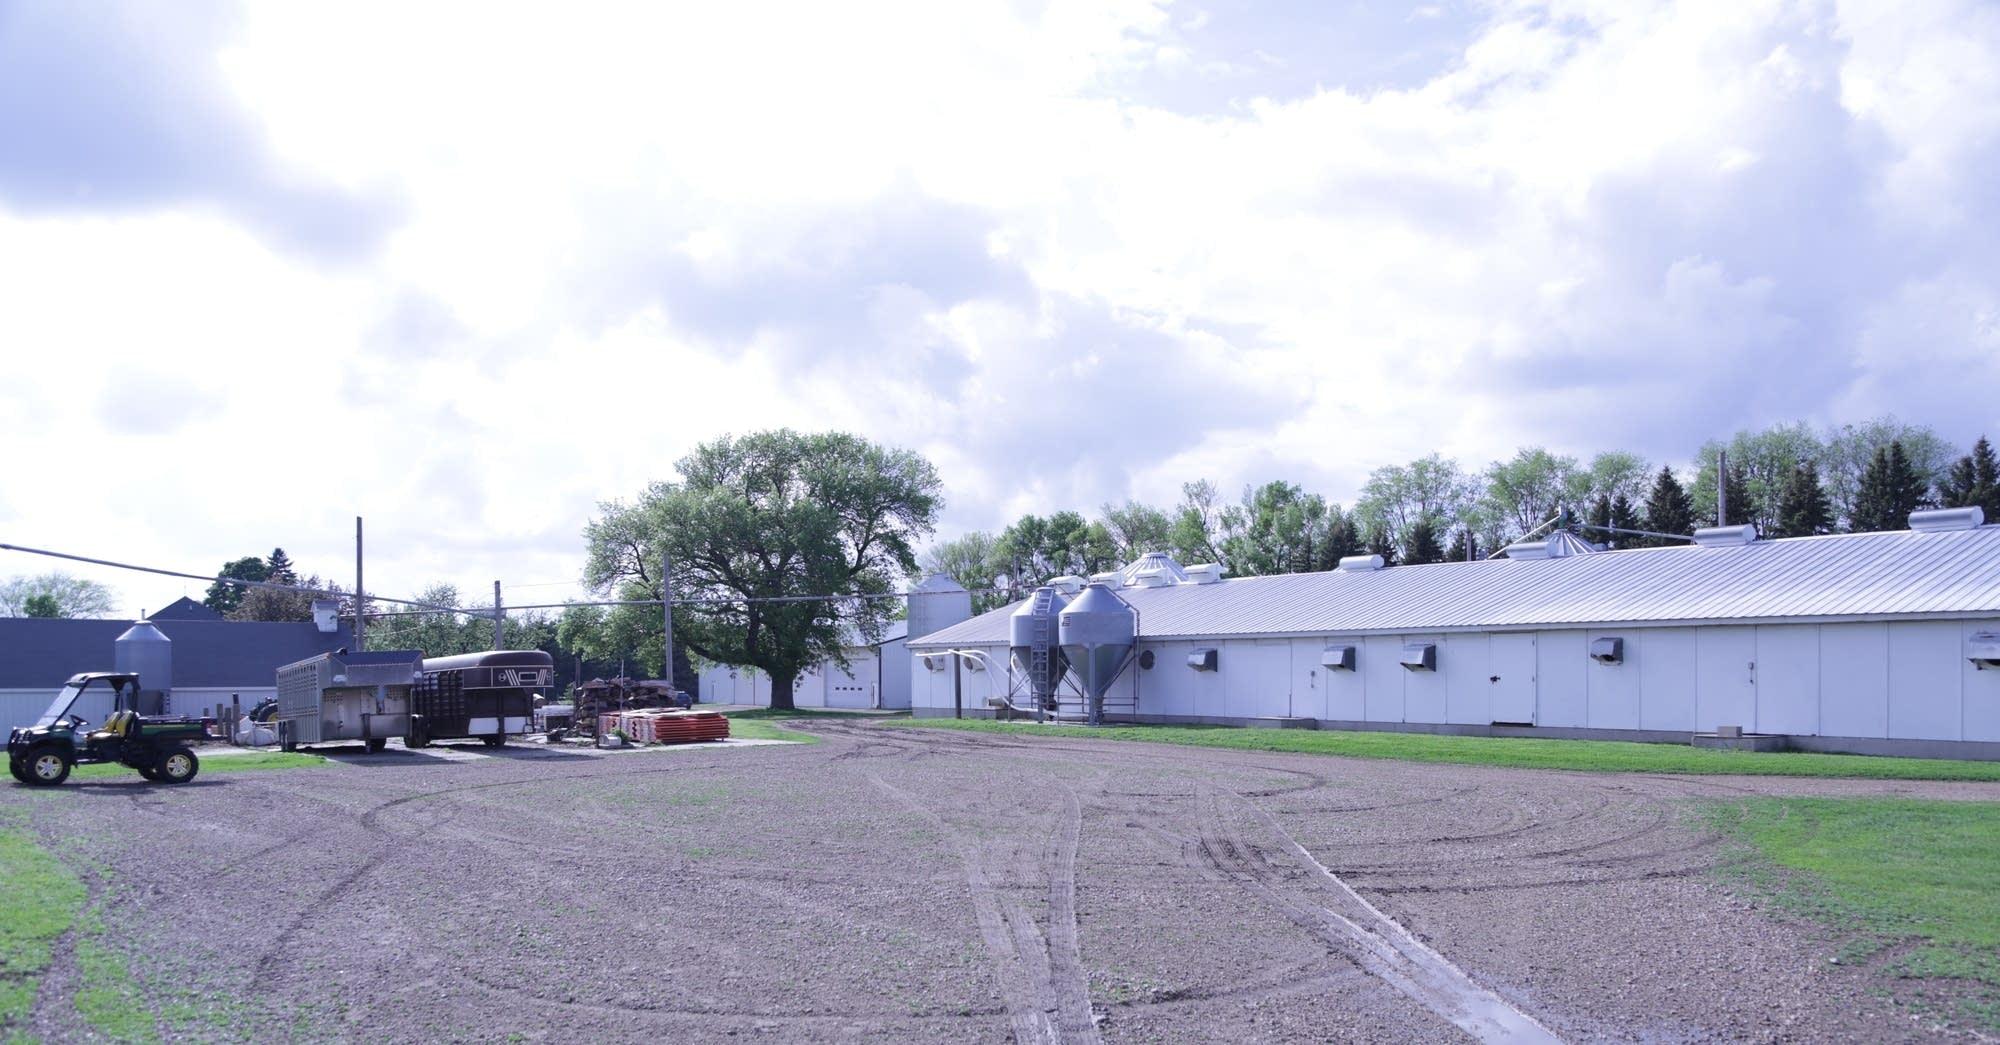 One of the barns on the Stevermer's farm.